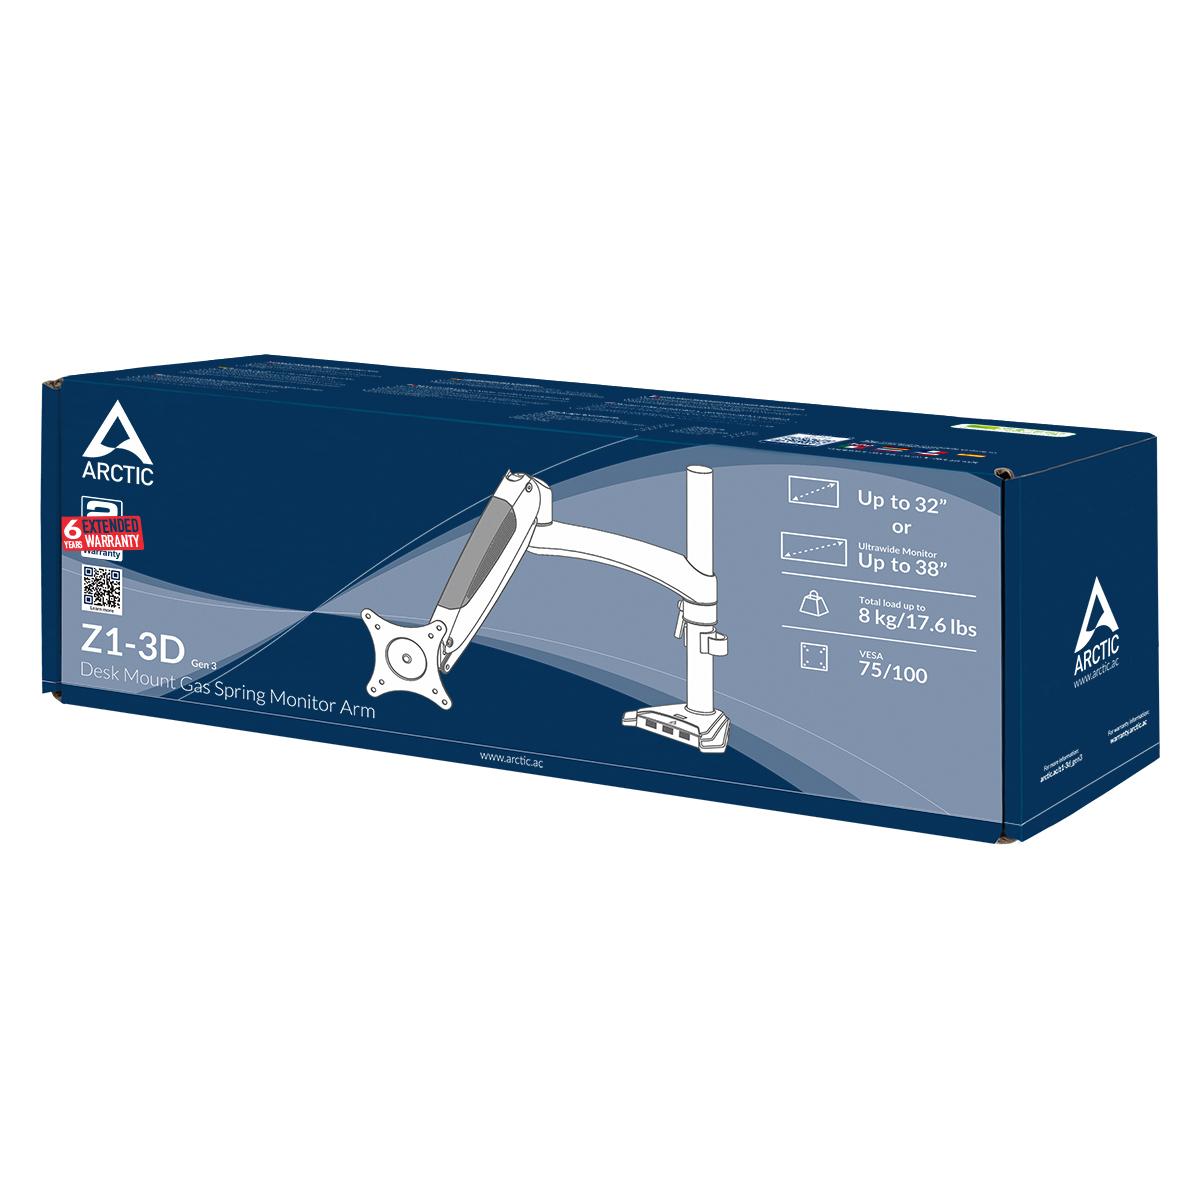 Monitorarm mit Gasfeder ARCTIC Z1-3D (Gen 3) Produktverpackung Vorderansicht